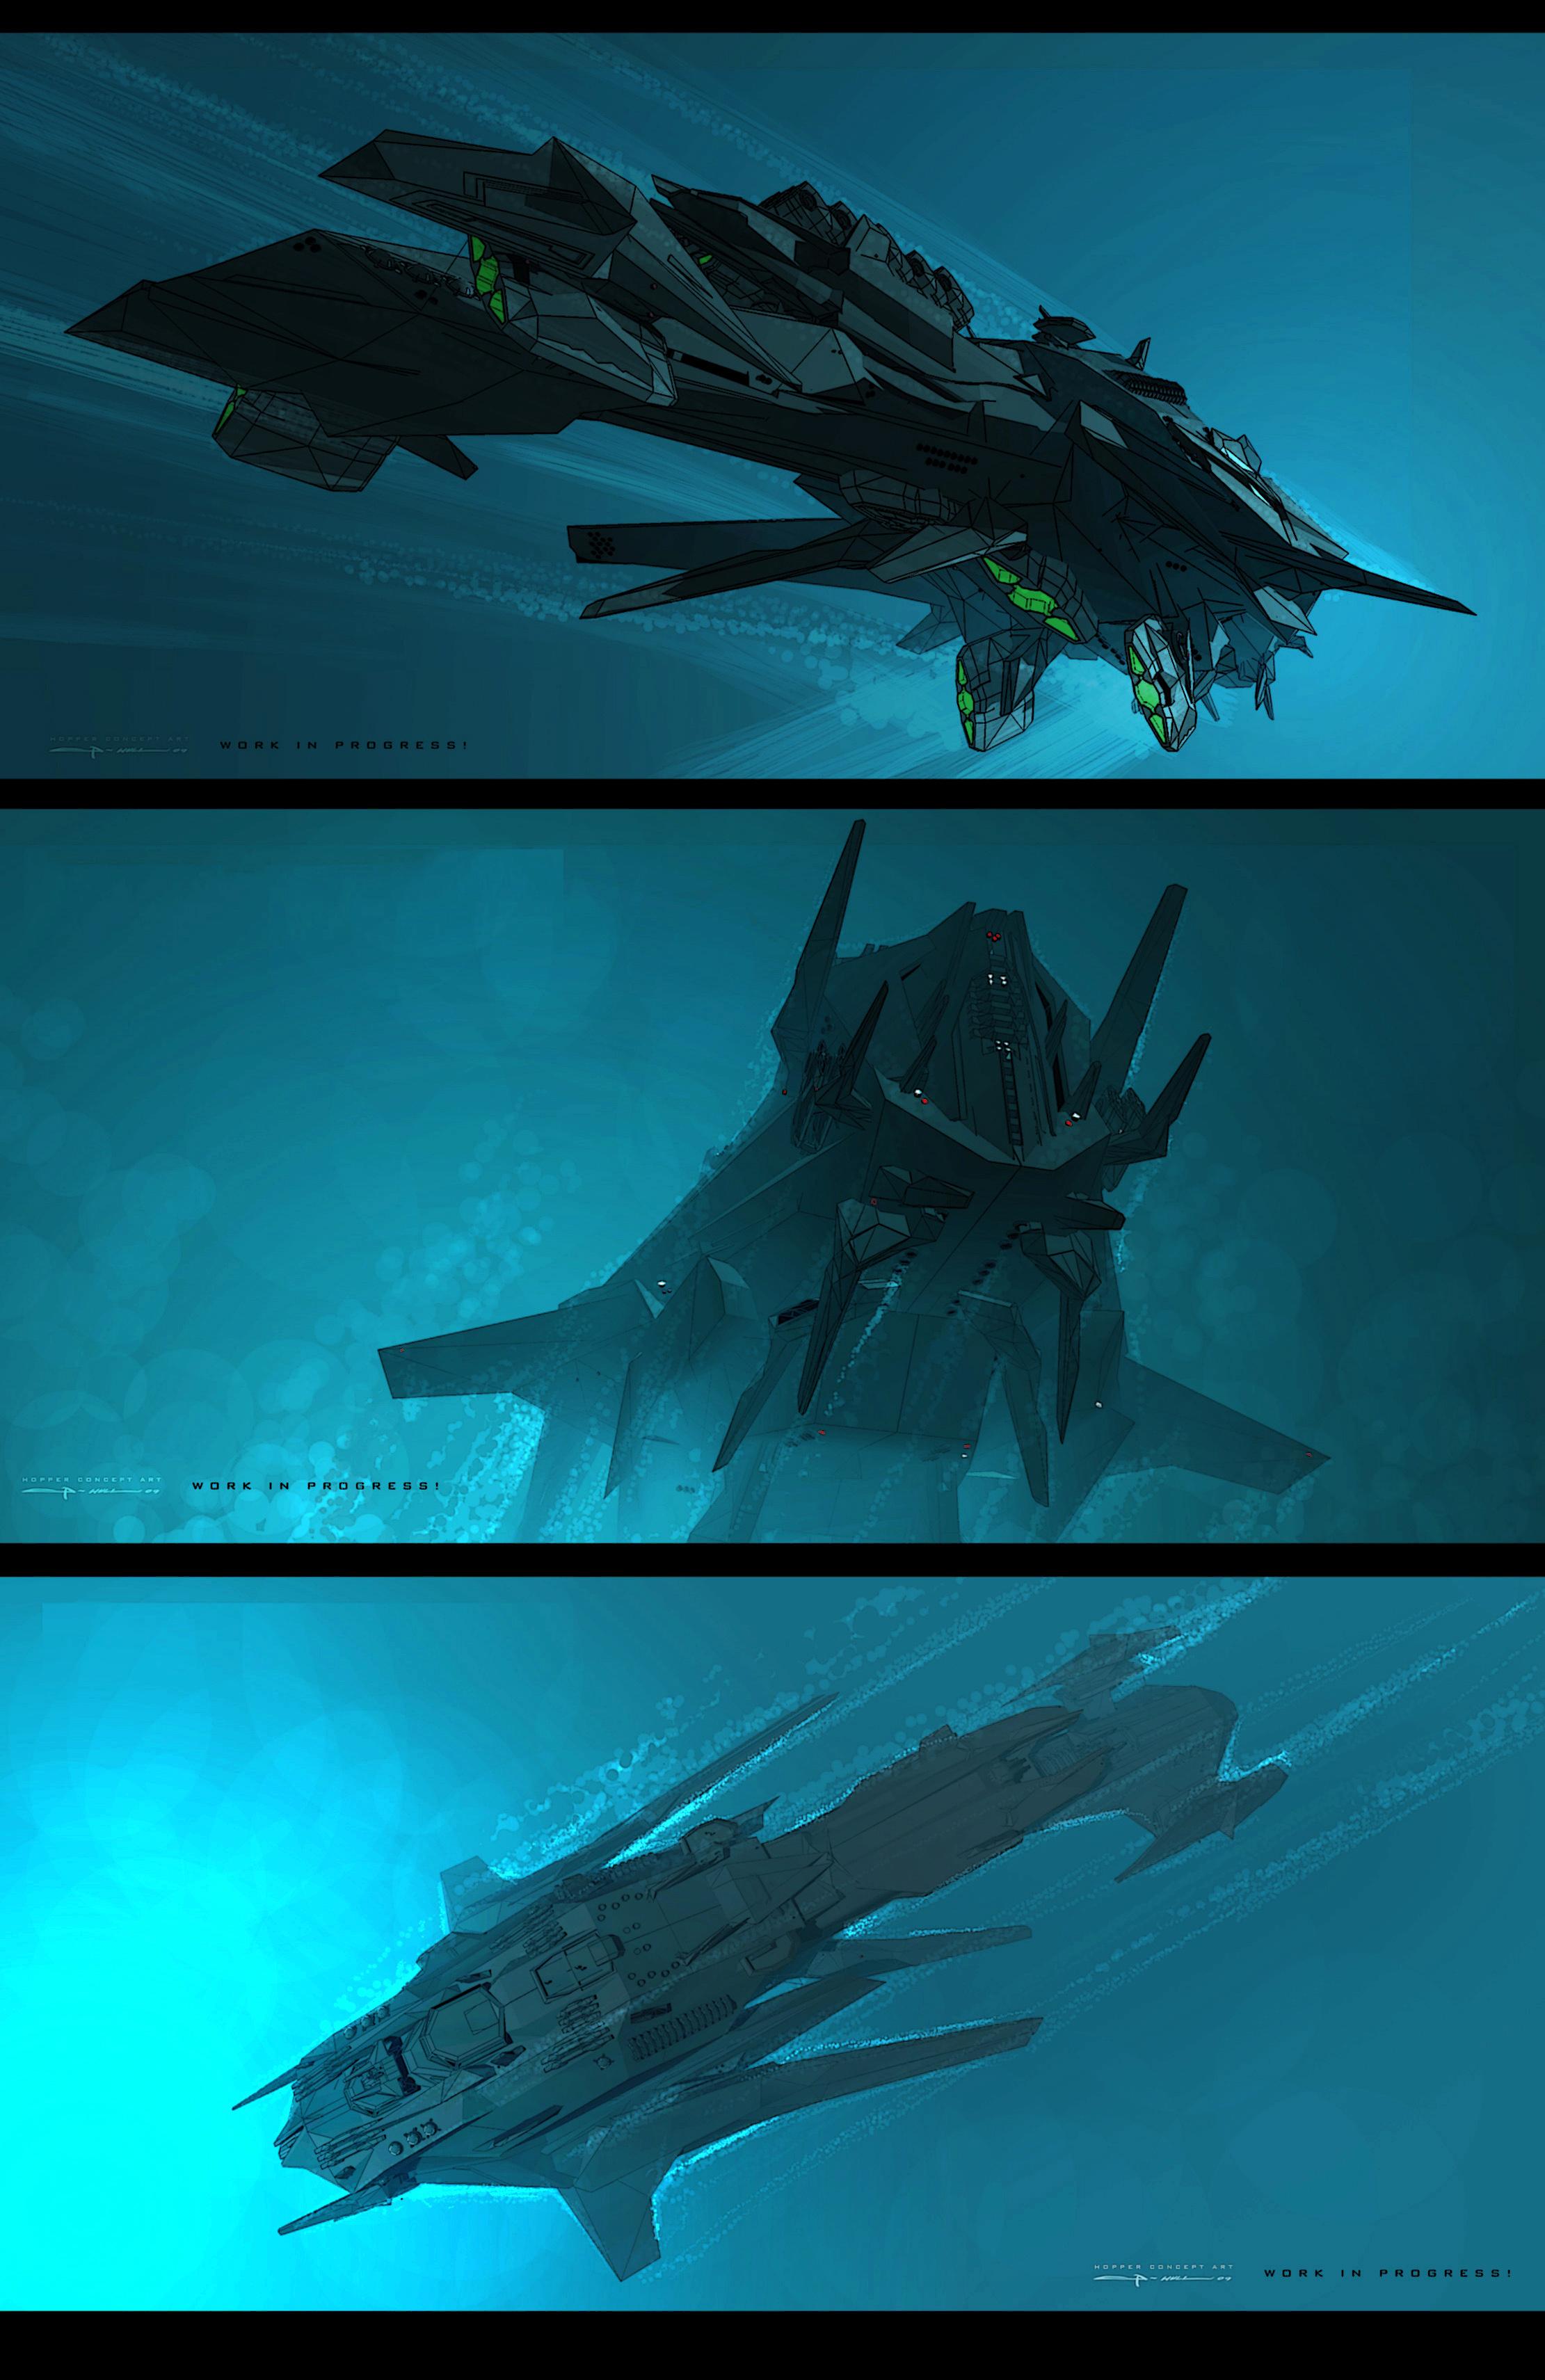 Battleship4_SketchMOdelSubs_ghull.jpg